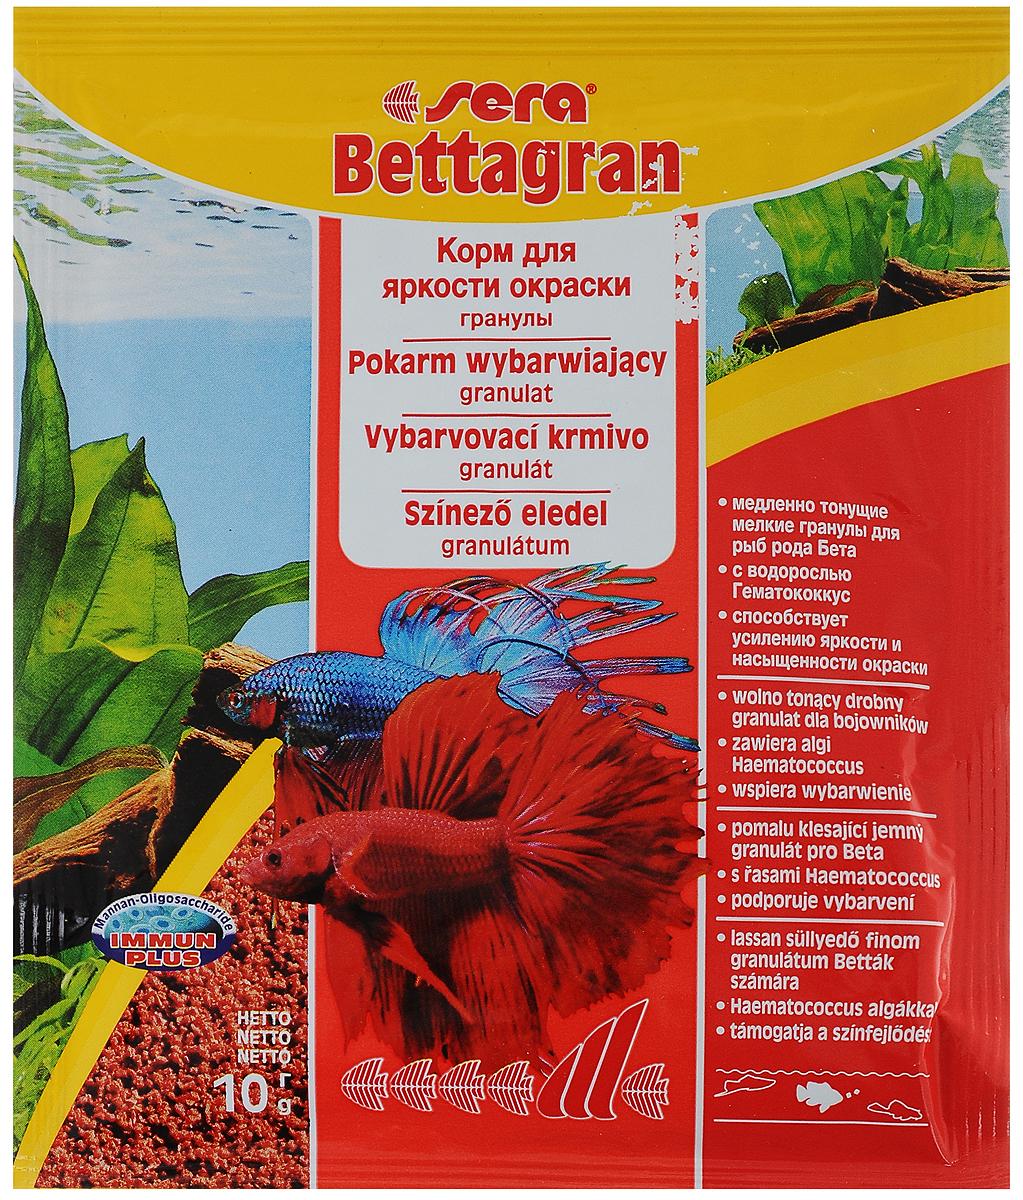 Корм для рыб Sera Bettagran, 10 г0103Корм Sera Bettagran предназначен для усиления яркости окраски рыб рода Betta, а также всех видов рыб, кормящихся в средних слоях воды. Высококачественные ингредиенты корма, такие как водоросль Гематококкус, усиливают яркость и насыщенность окраски рыб естественным путем. Медленно тонущие гранулы, надолго сохраняют свою форму в воде, не загрязняя ее. Товар сертифицирован.